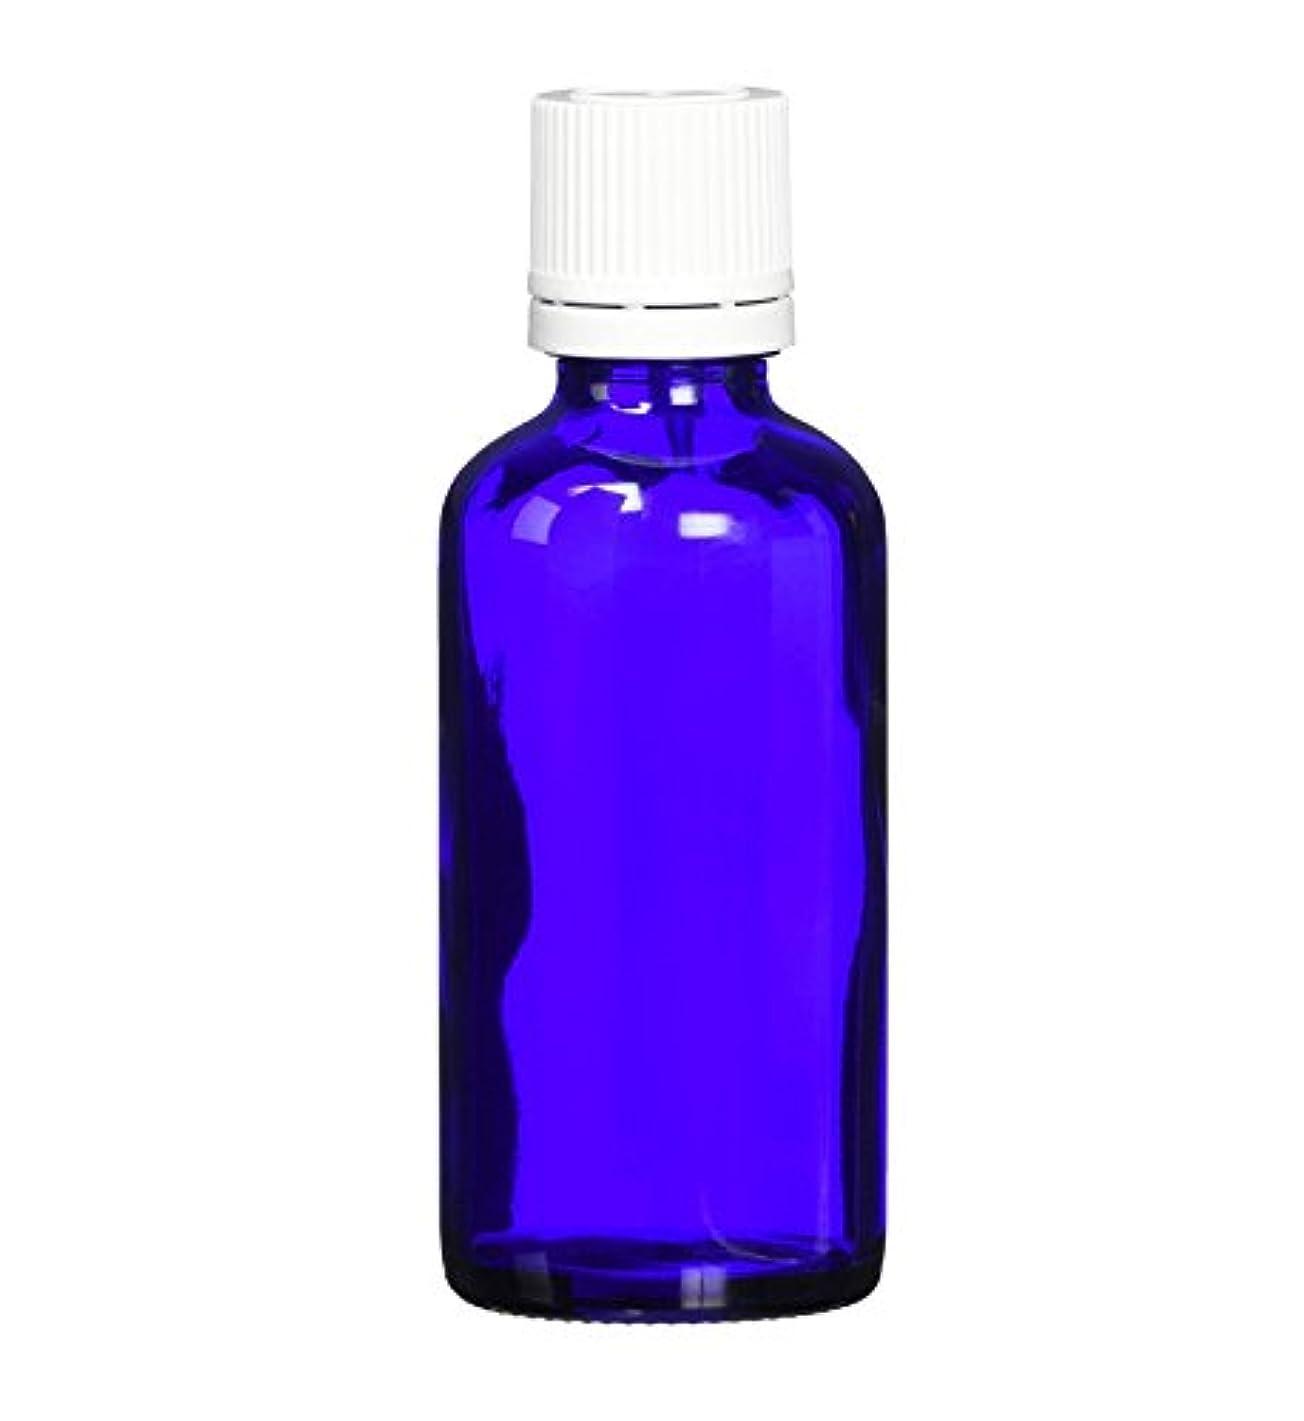 複製ホットクレーターease 遮光ビン ブルー (高粘度用) 50ml(国産)